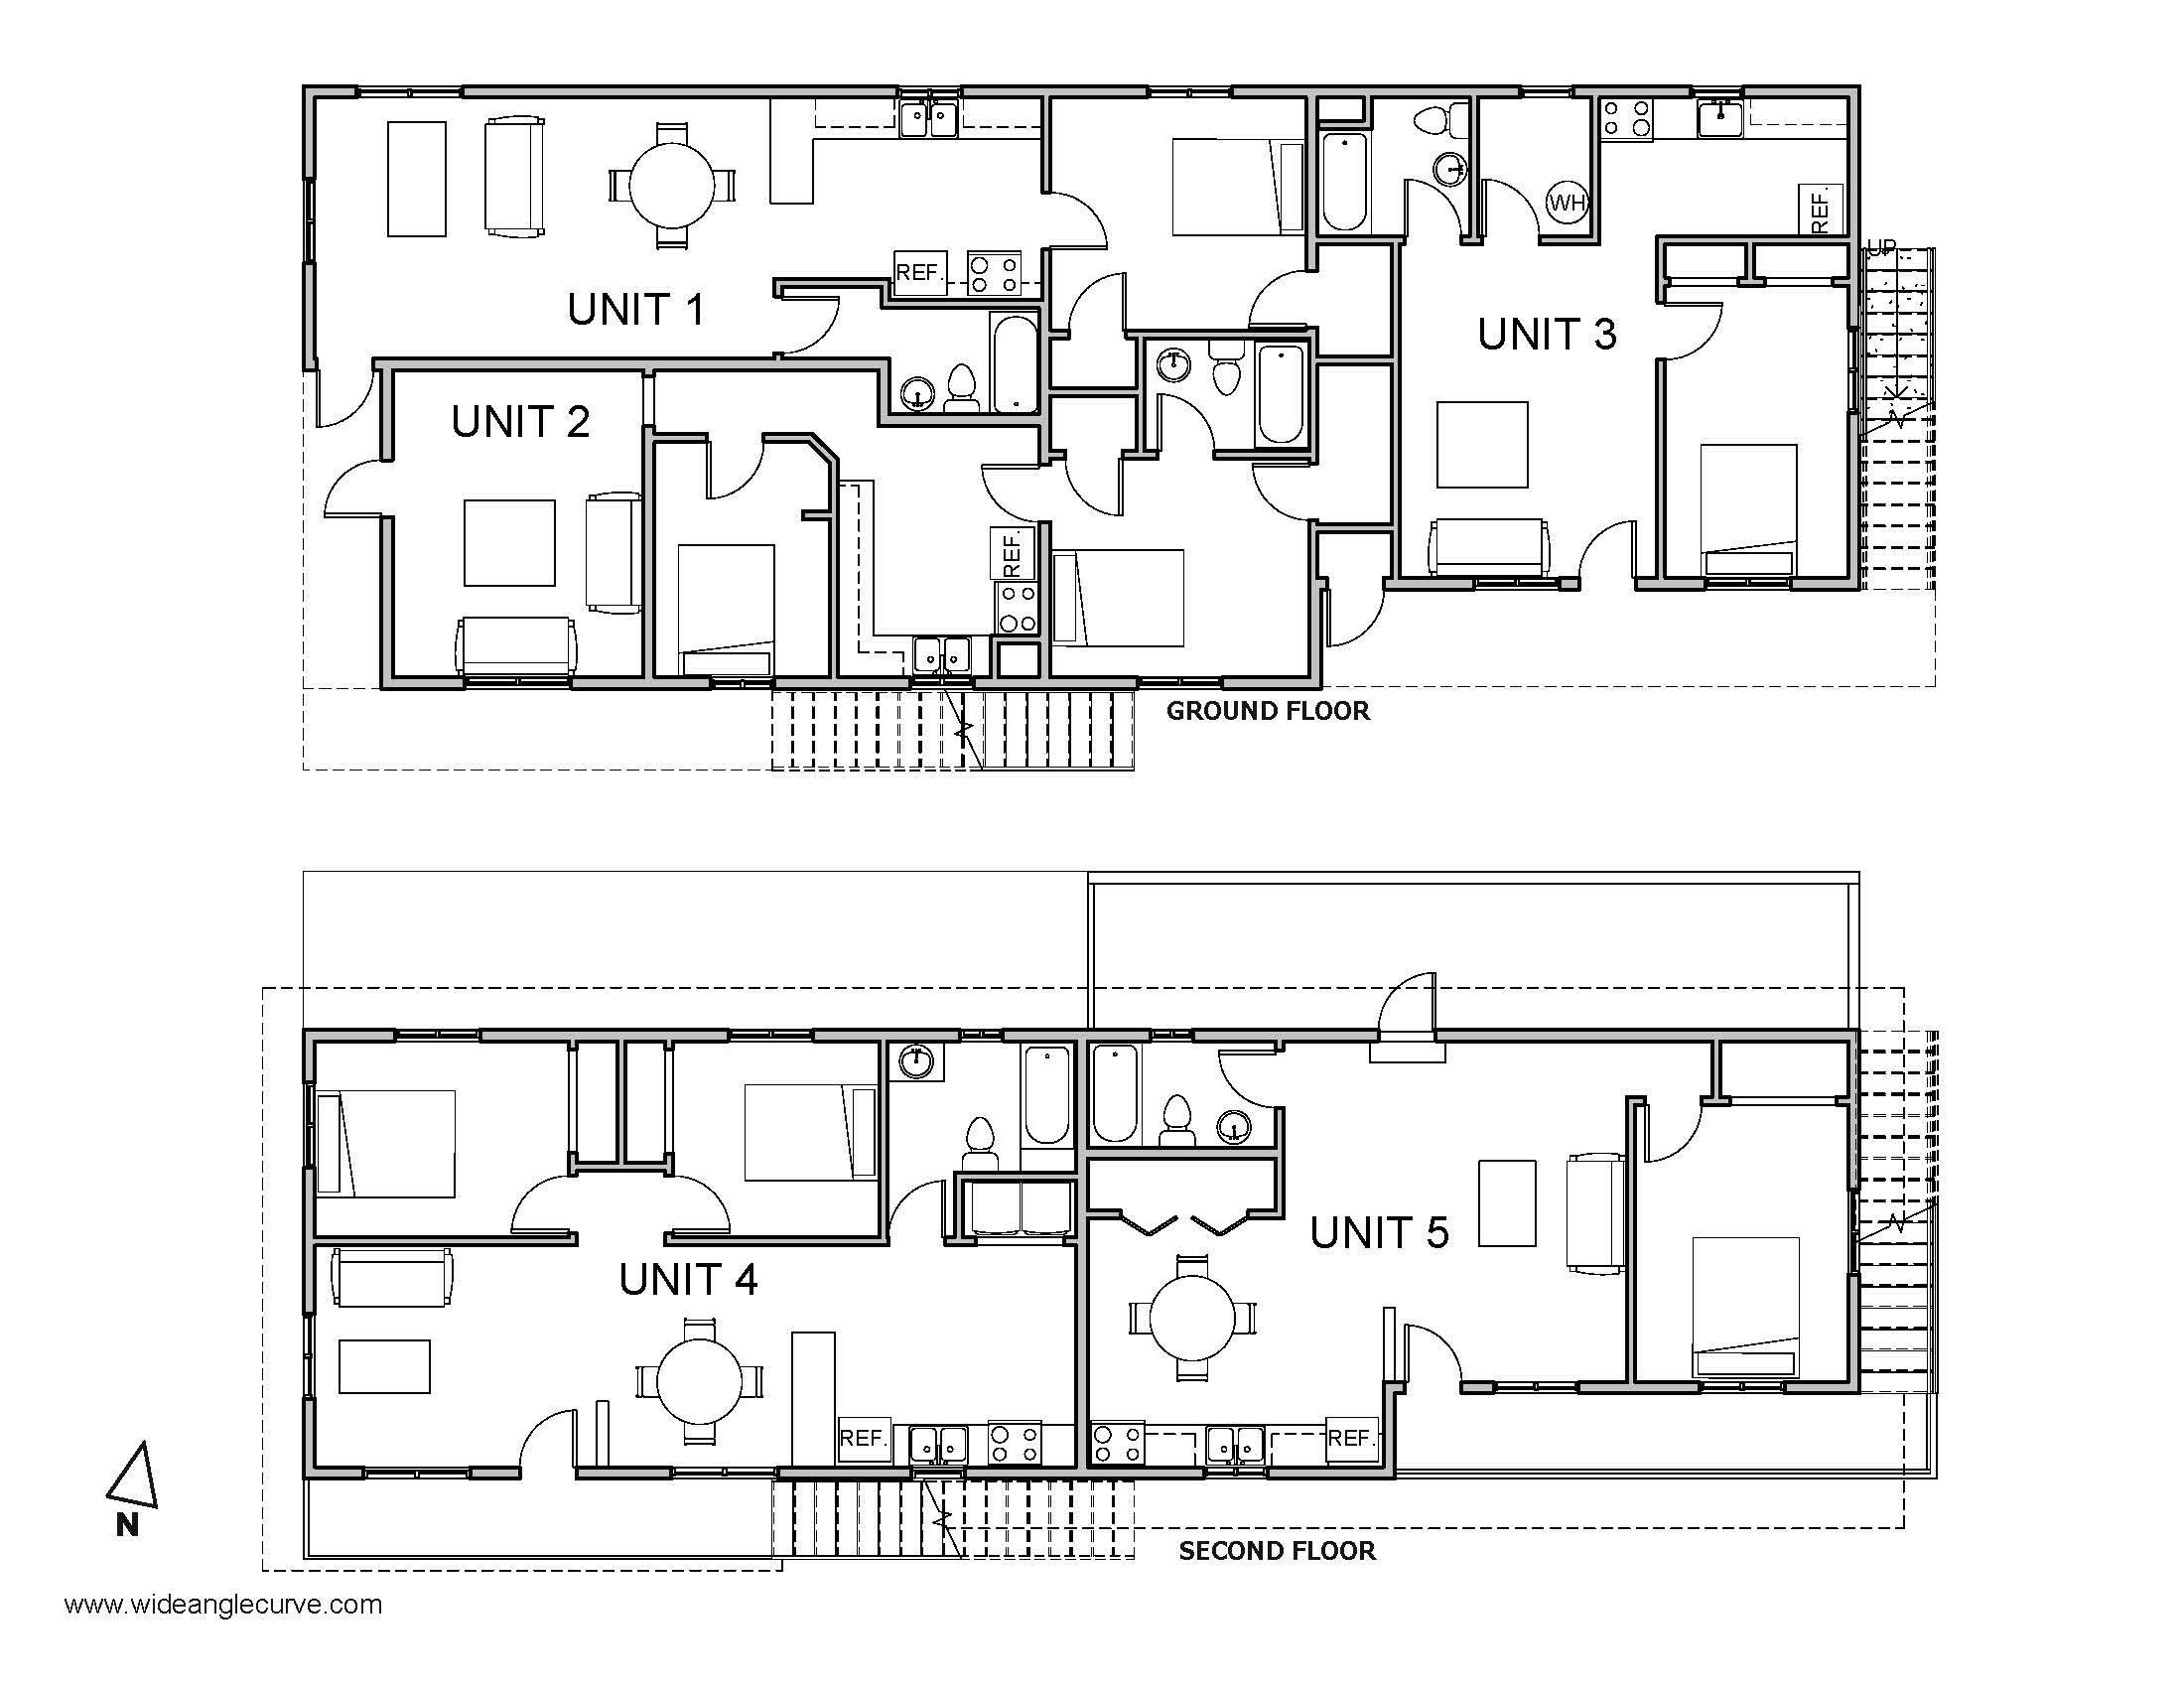 residential floor plan 2 better.jpg